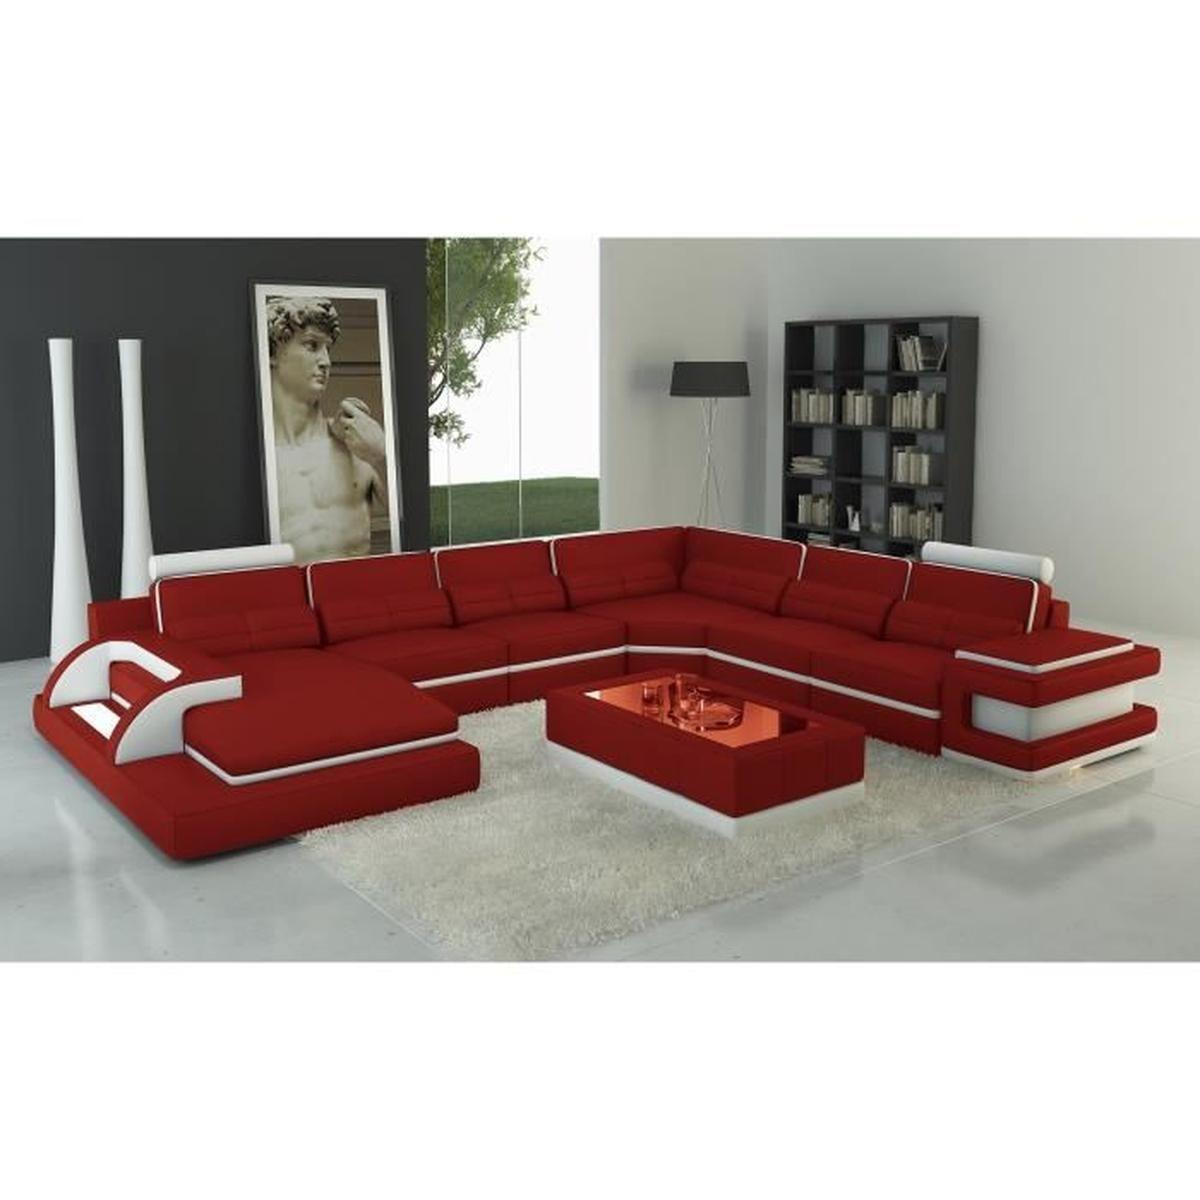 Canapé panoramique cuir rouge et blanc design avec lumière